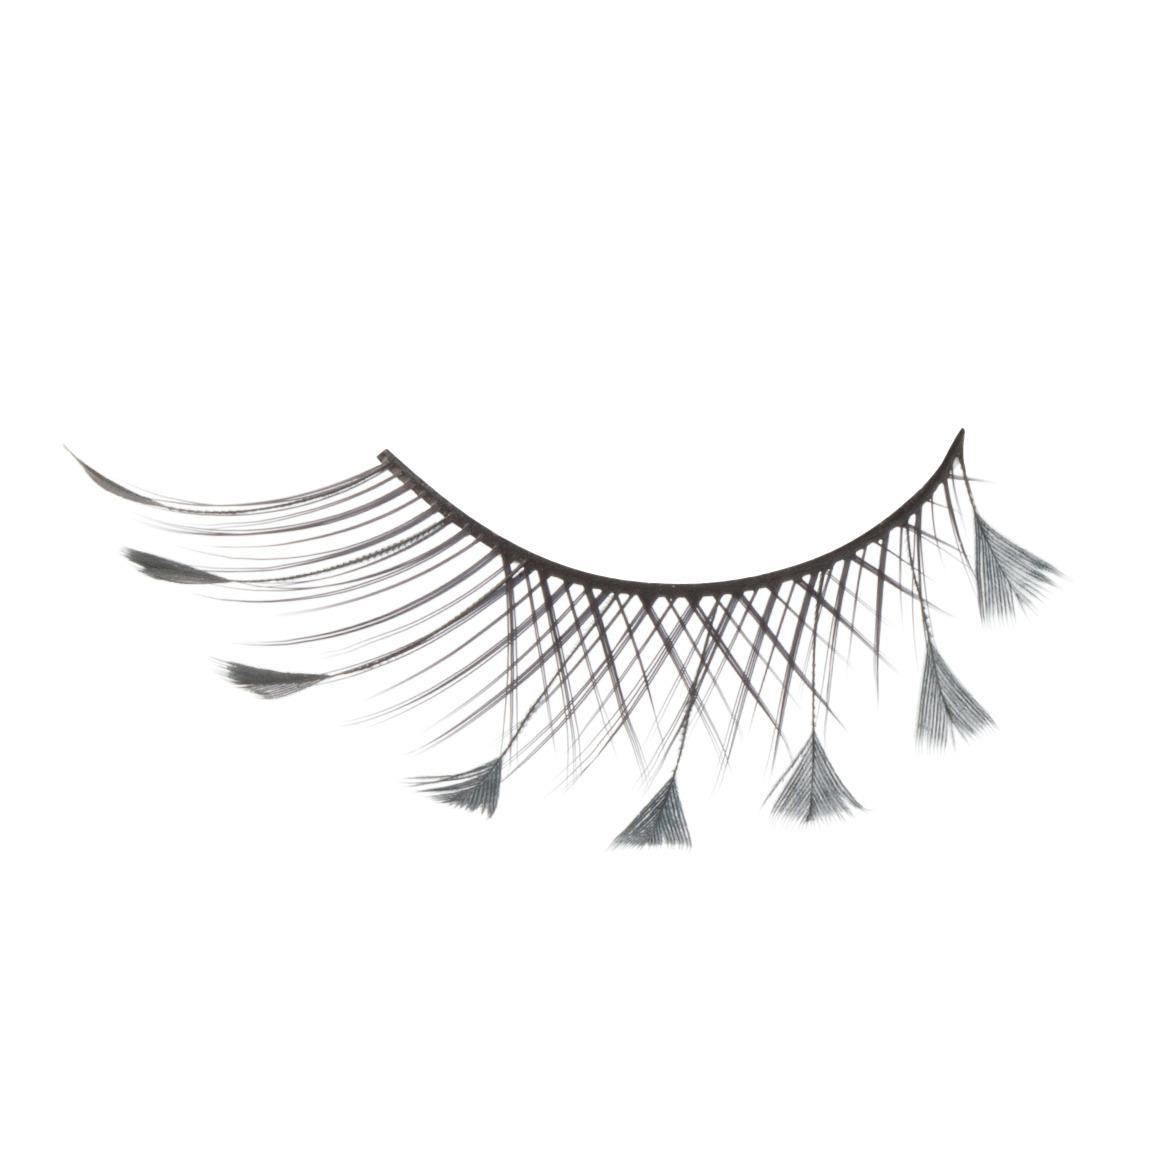 Inglot Cosmetics Decorated Feather Eyelashes 29f